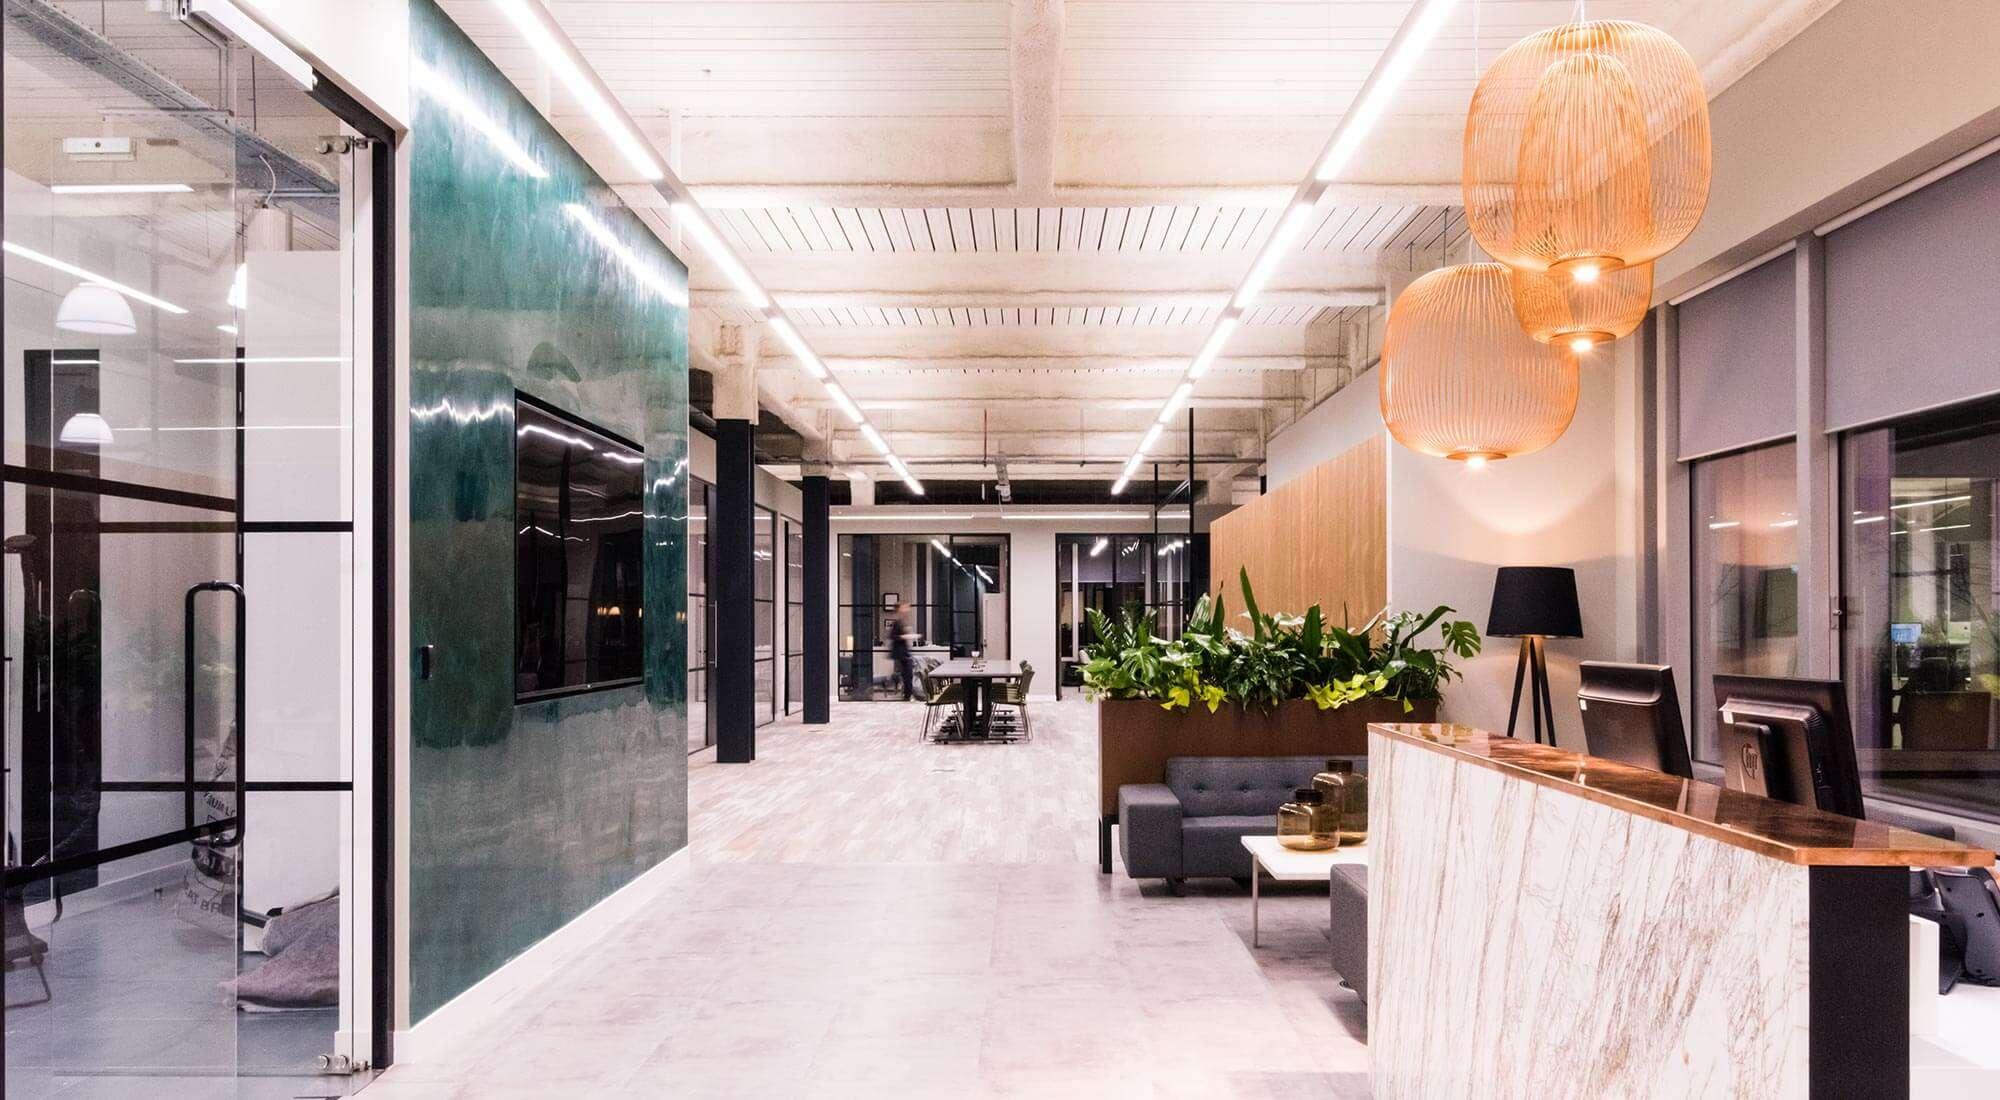 design interior fitout westworks whitecity london